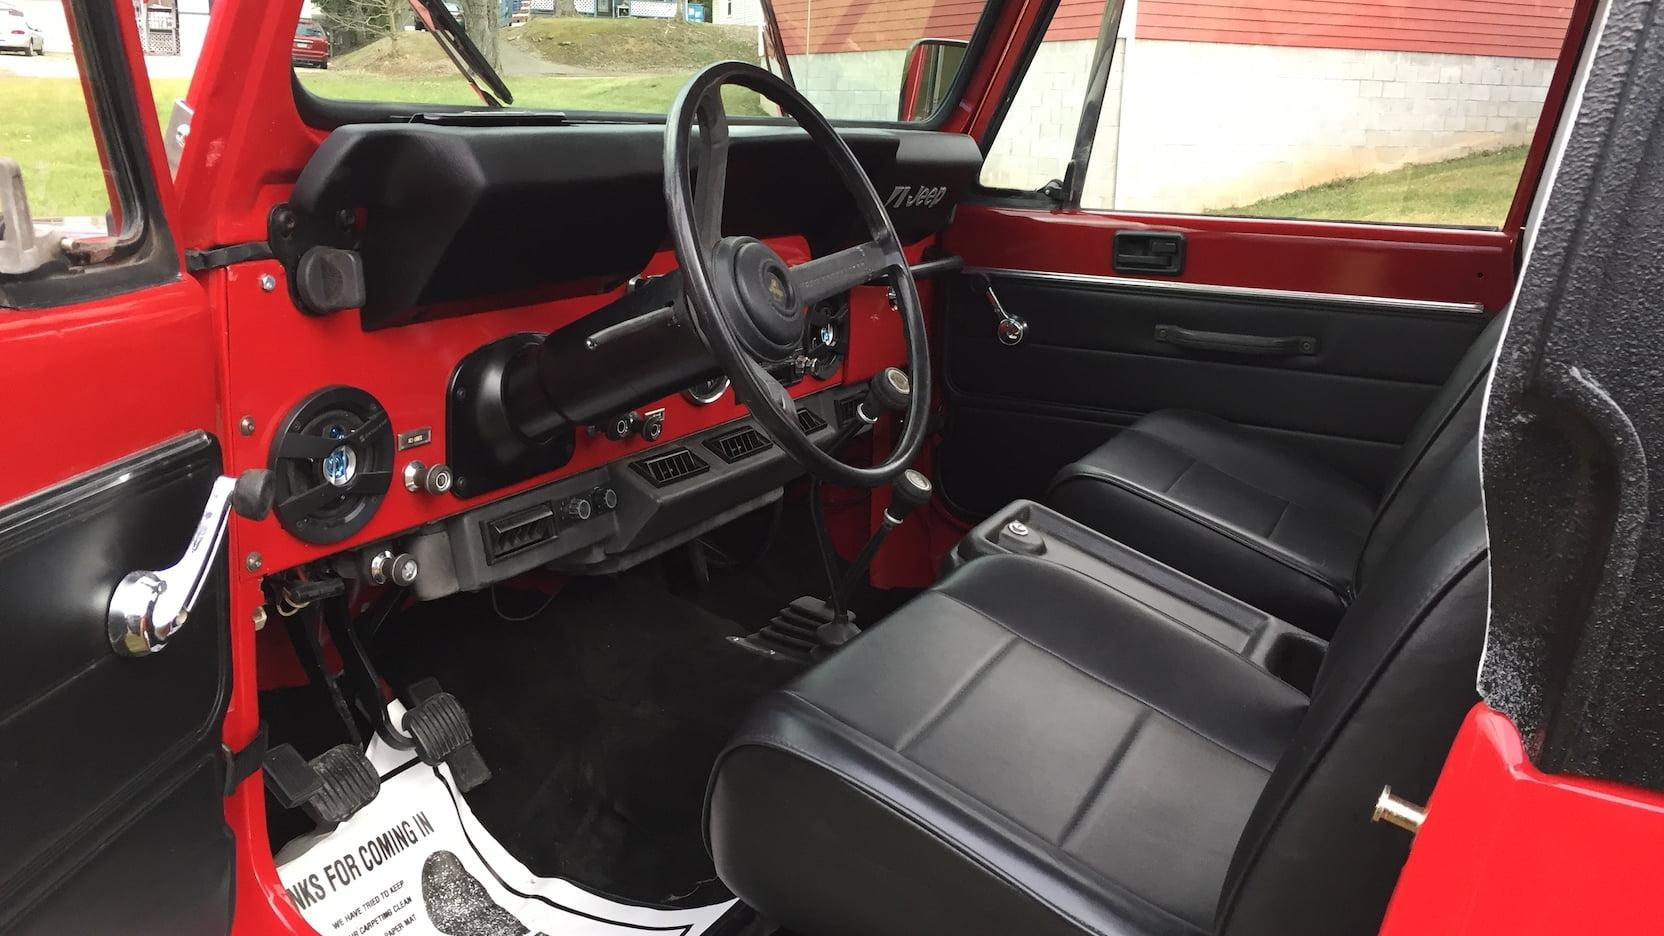 1984 Jeep Scrambler interior